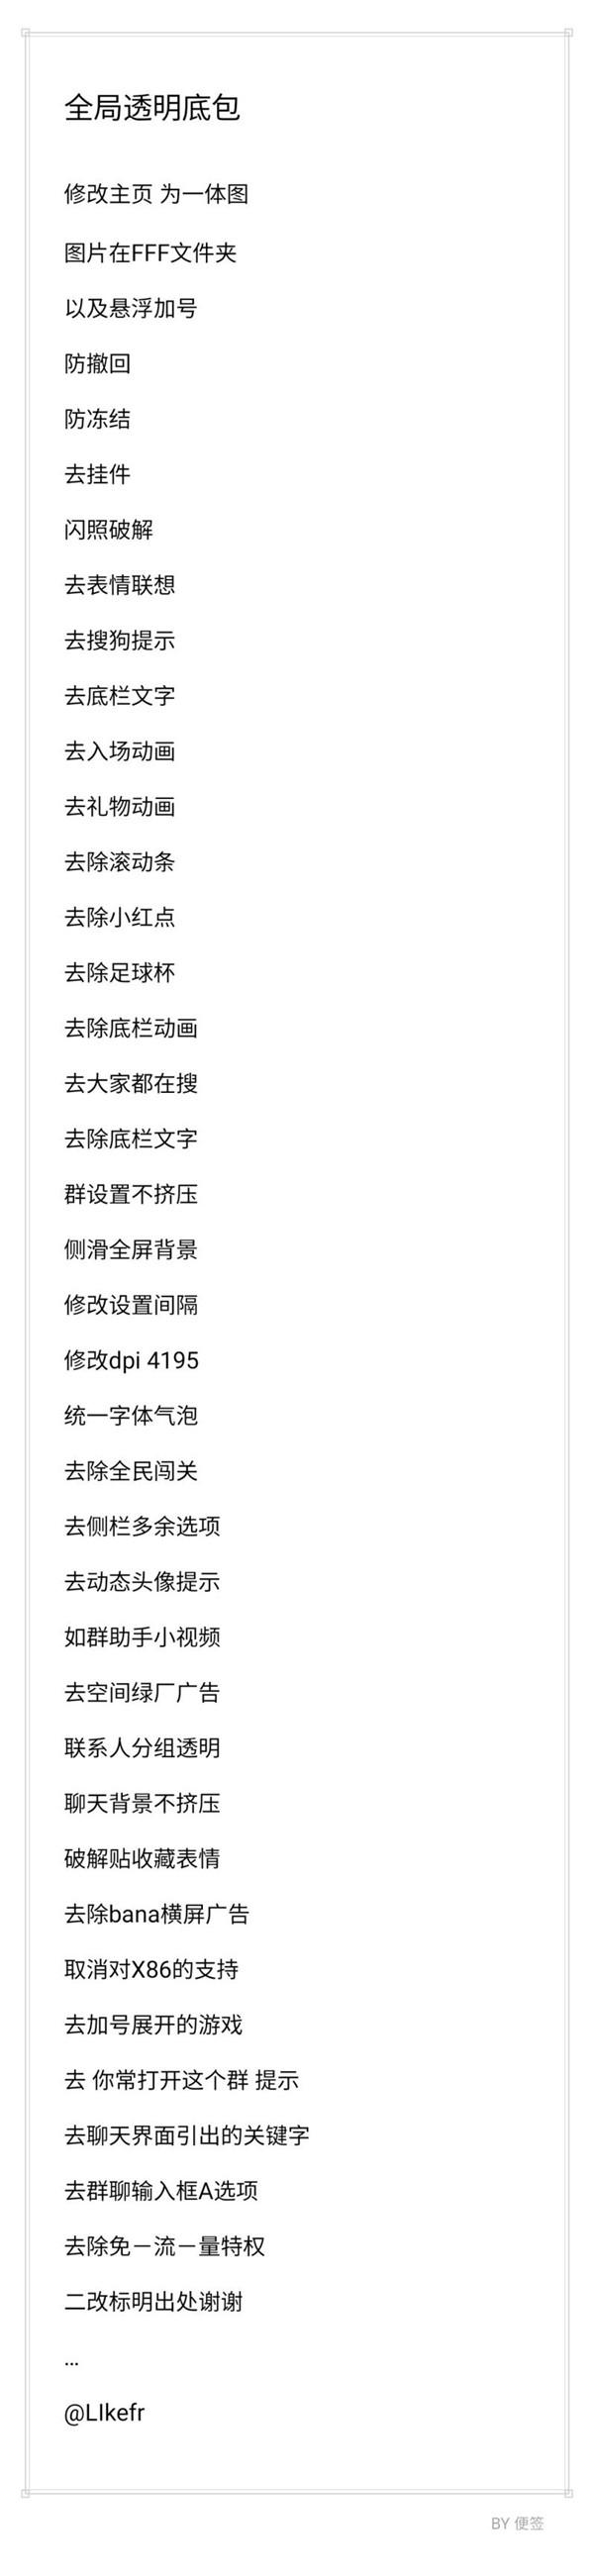 安卓手机QQ7.9.7防撤回修改版 破闪照 破口令红包等 工具软件